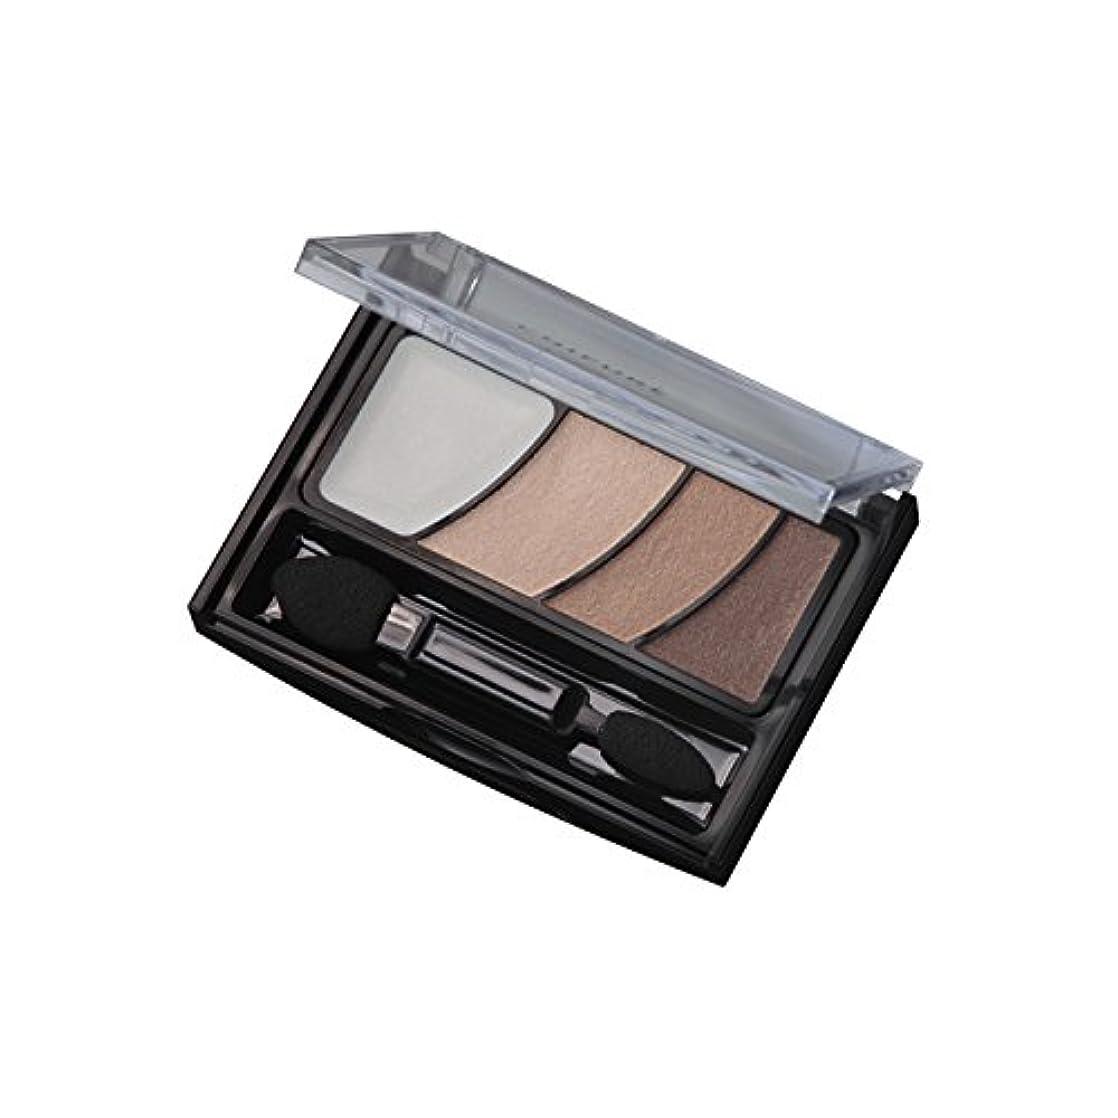 プレゼント重要な役割を果たす、中心的な手段となる仮称ちふれ化粧品 グラデーション アイ カラー(チップ付) ブラウン系 アイカラー74